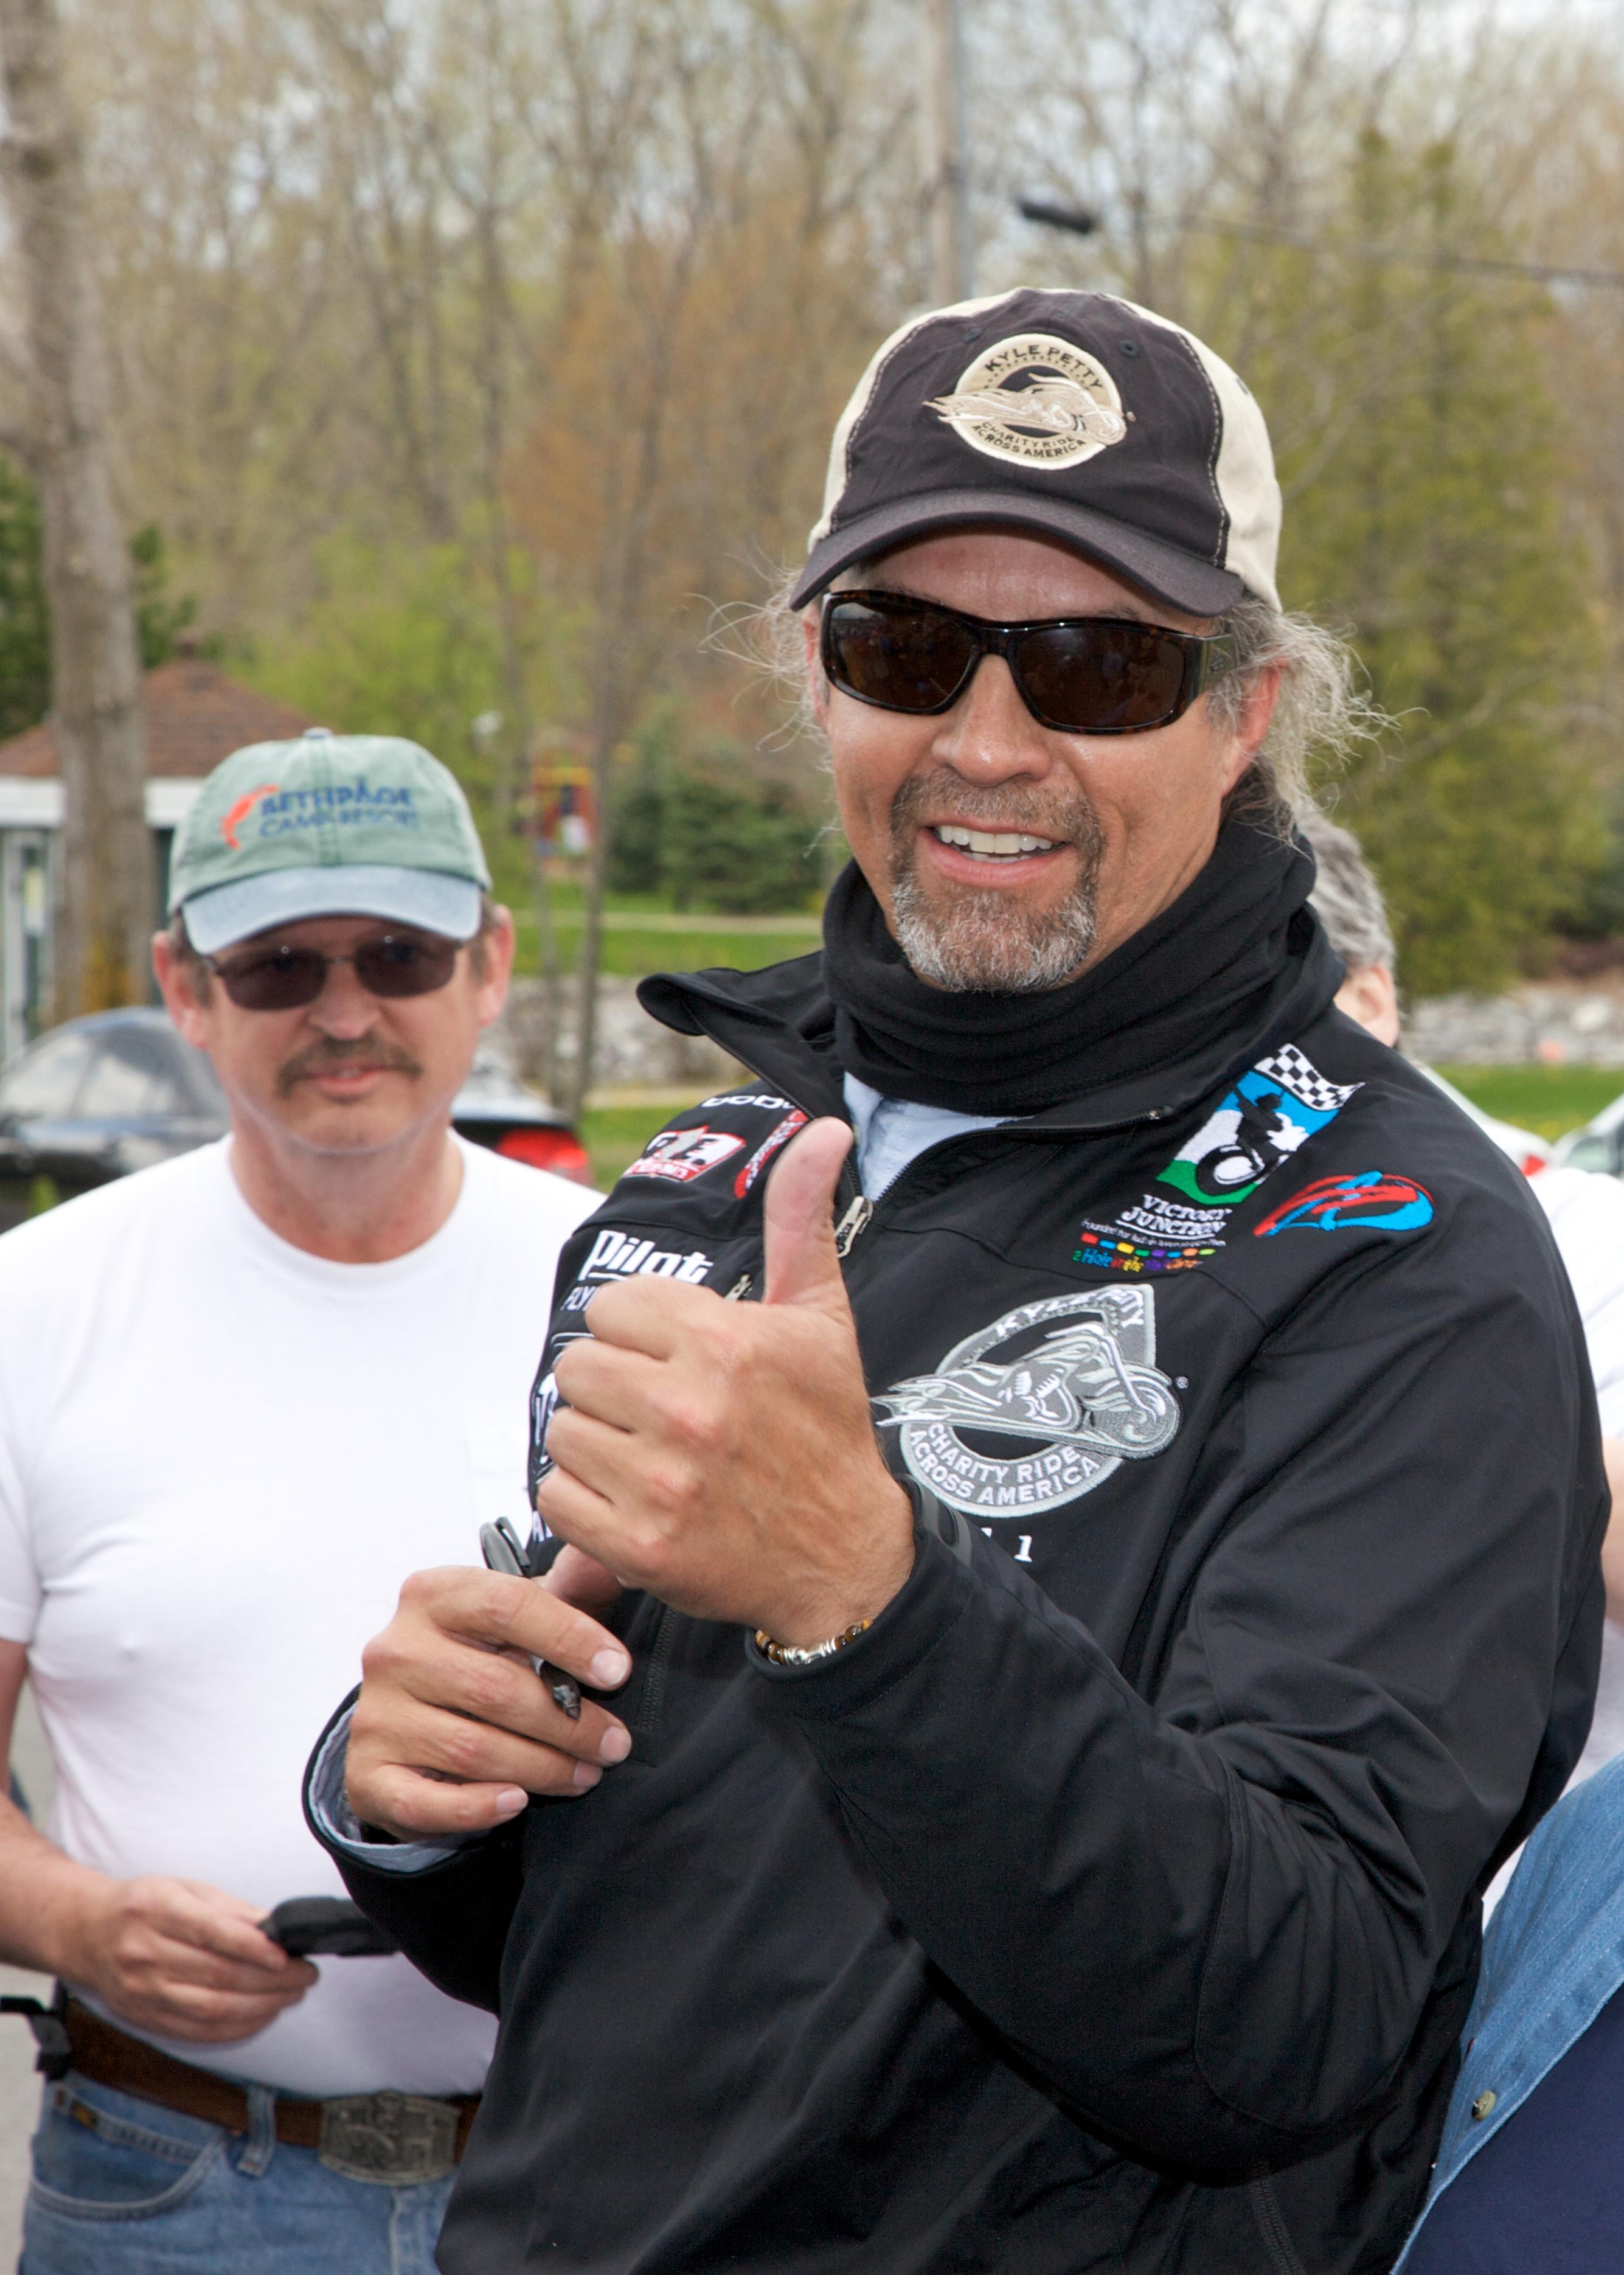 Richard Petty Motorsports >> Kyle Petty - Wikipedia